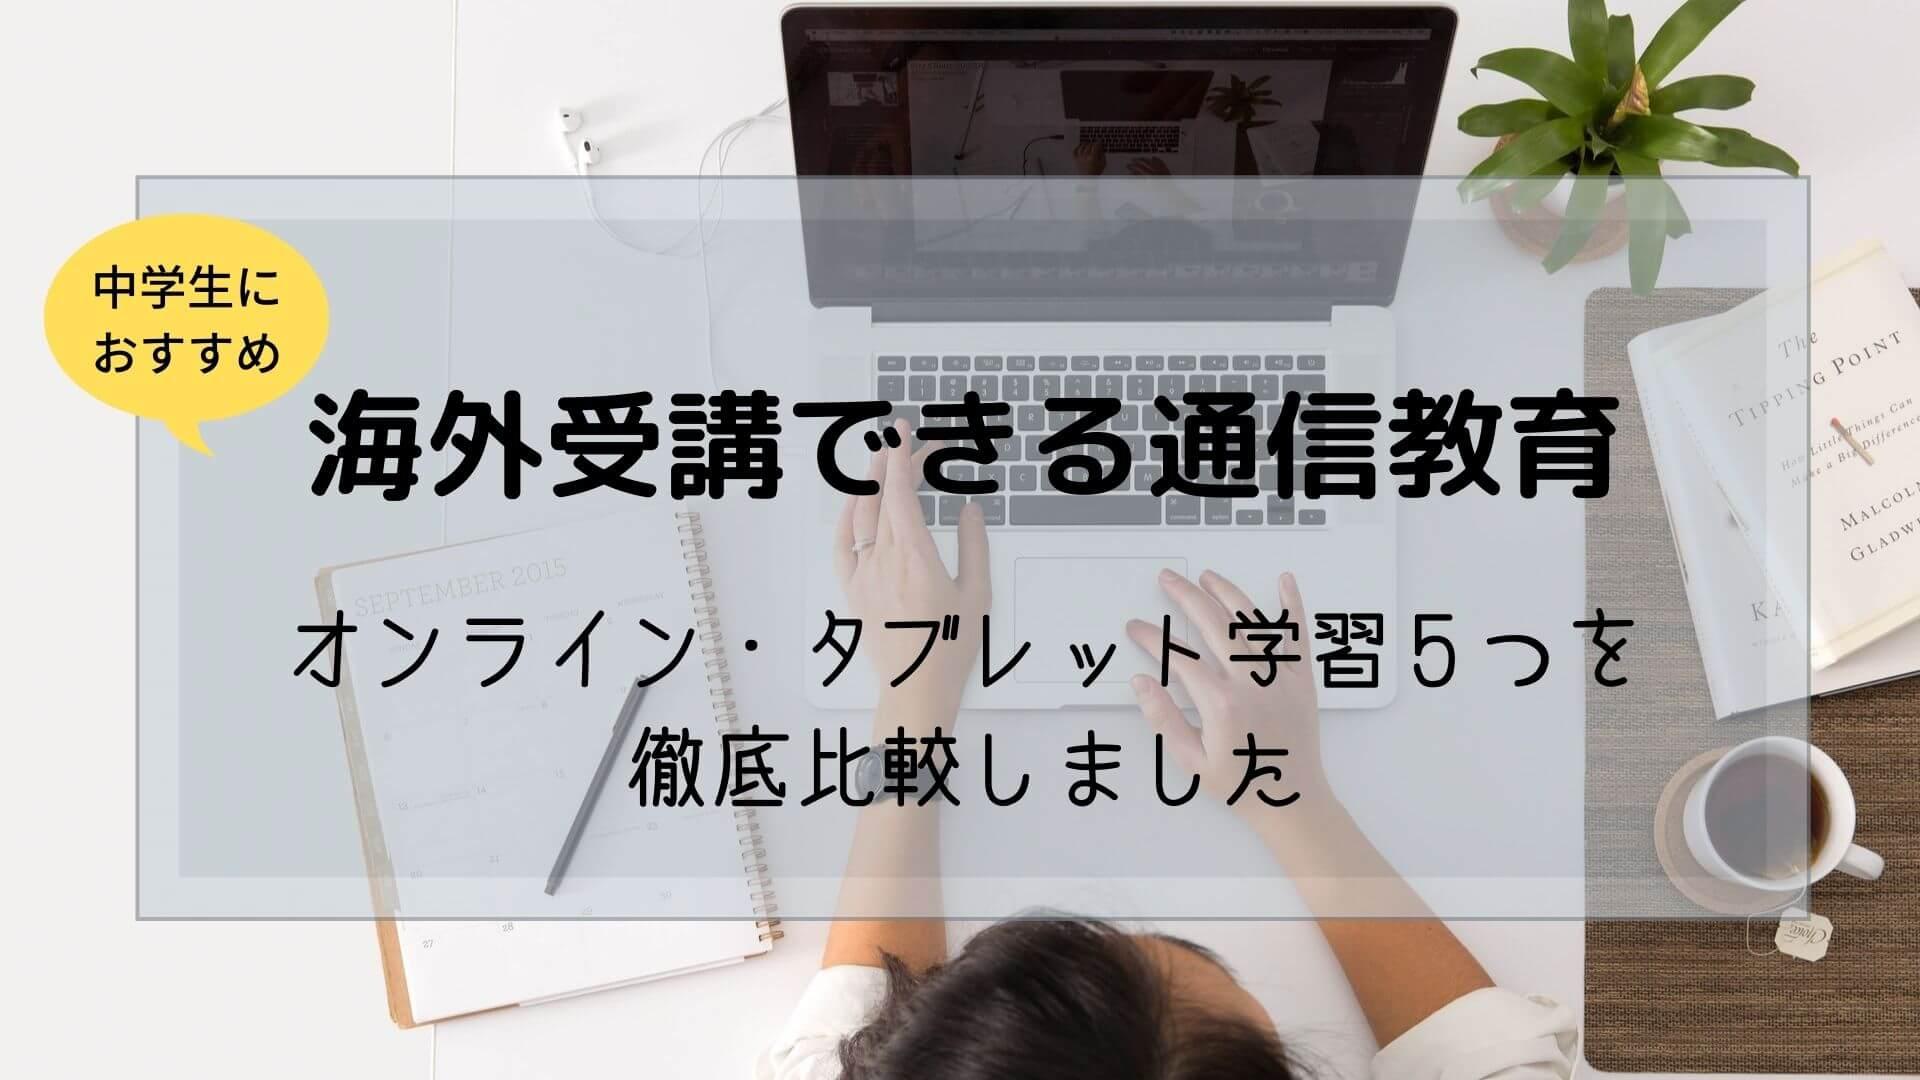 【海外受講の中学生】オンライン・タブレット学習の通信教育徹底比較